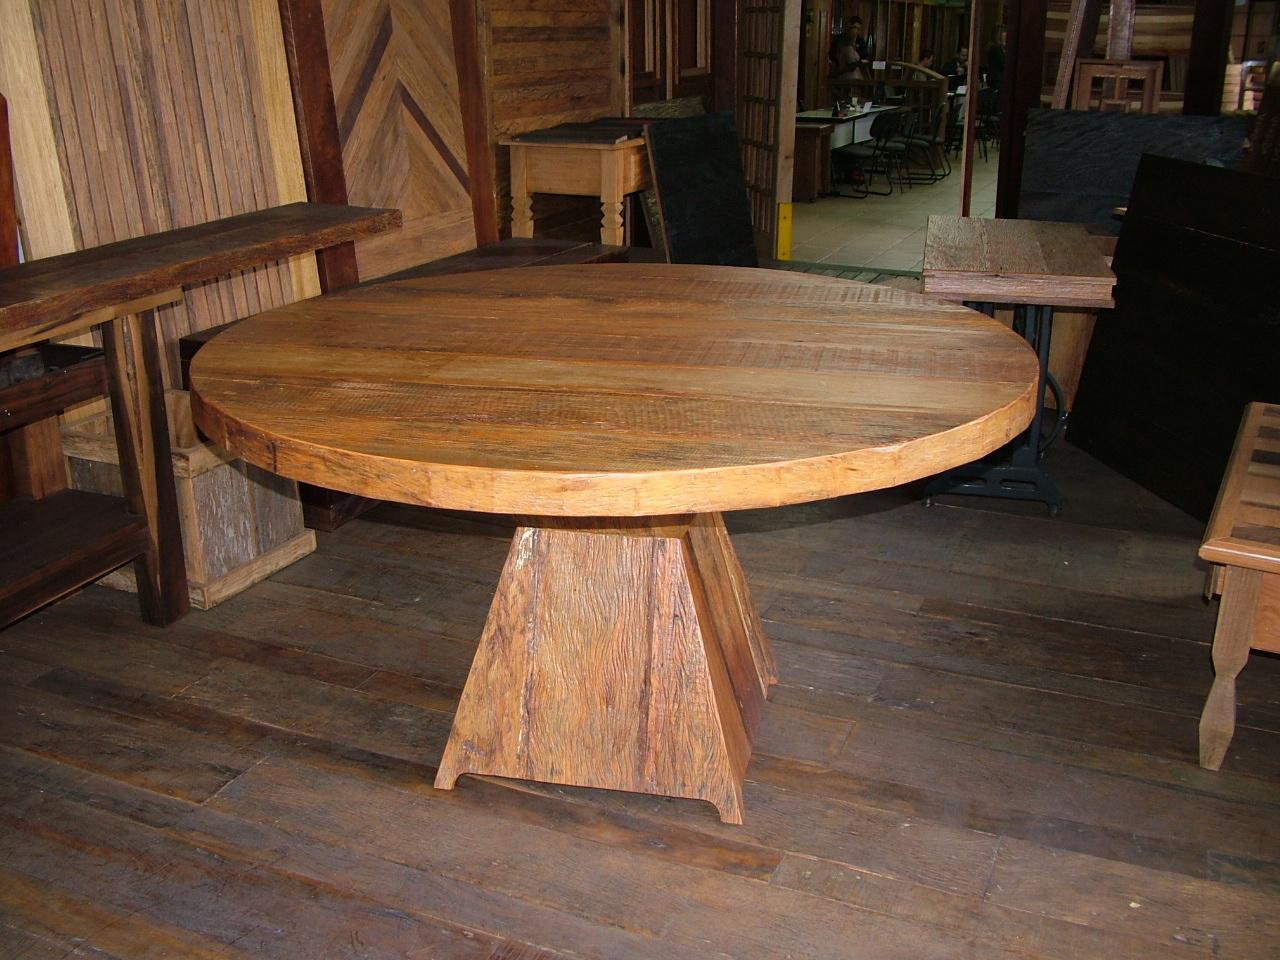 Móveis rústicos – Mesa em madeira de demolição projetada com  #B96F12 1280x960 Balcao Banheiro Fabrica